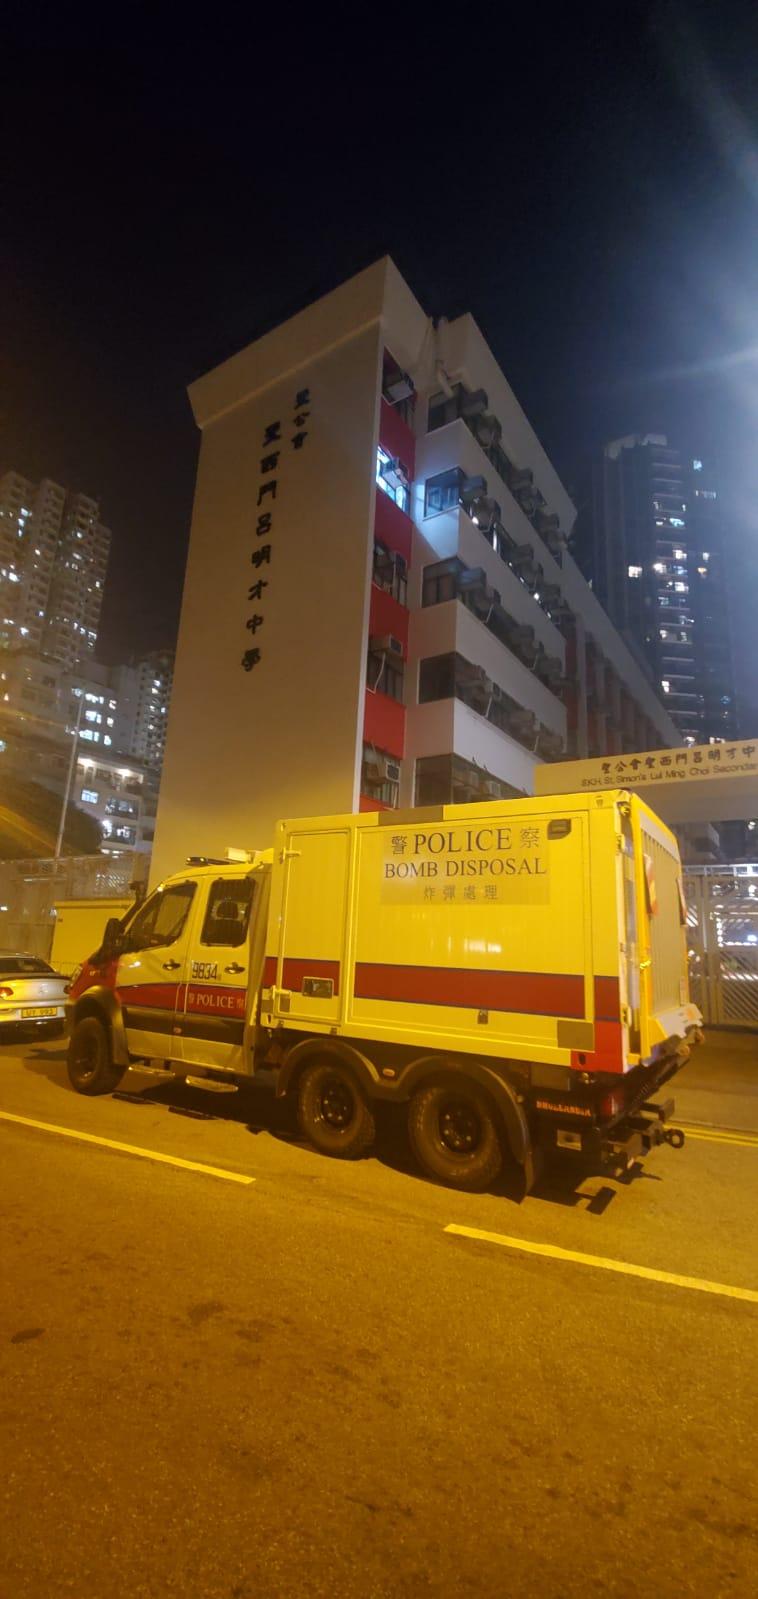 屯门爆炸品案疑犯为中学实验室助理 警方押解搜校园